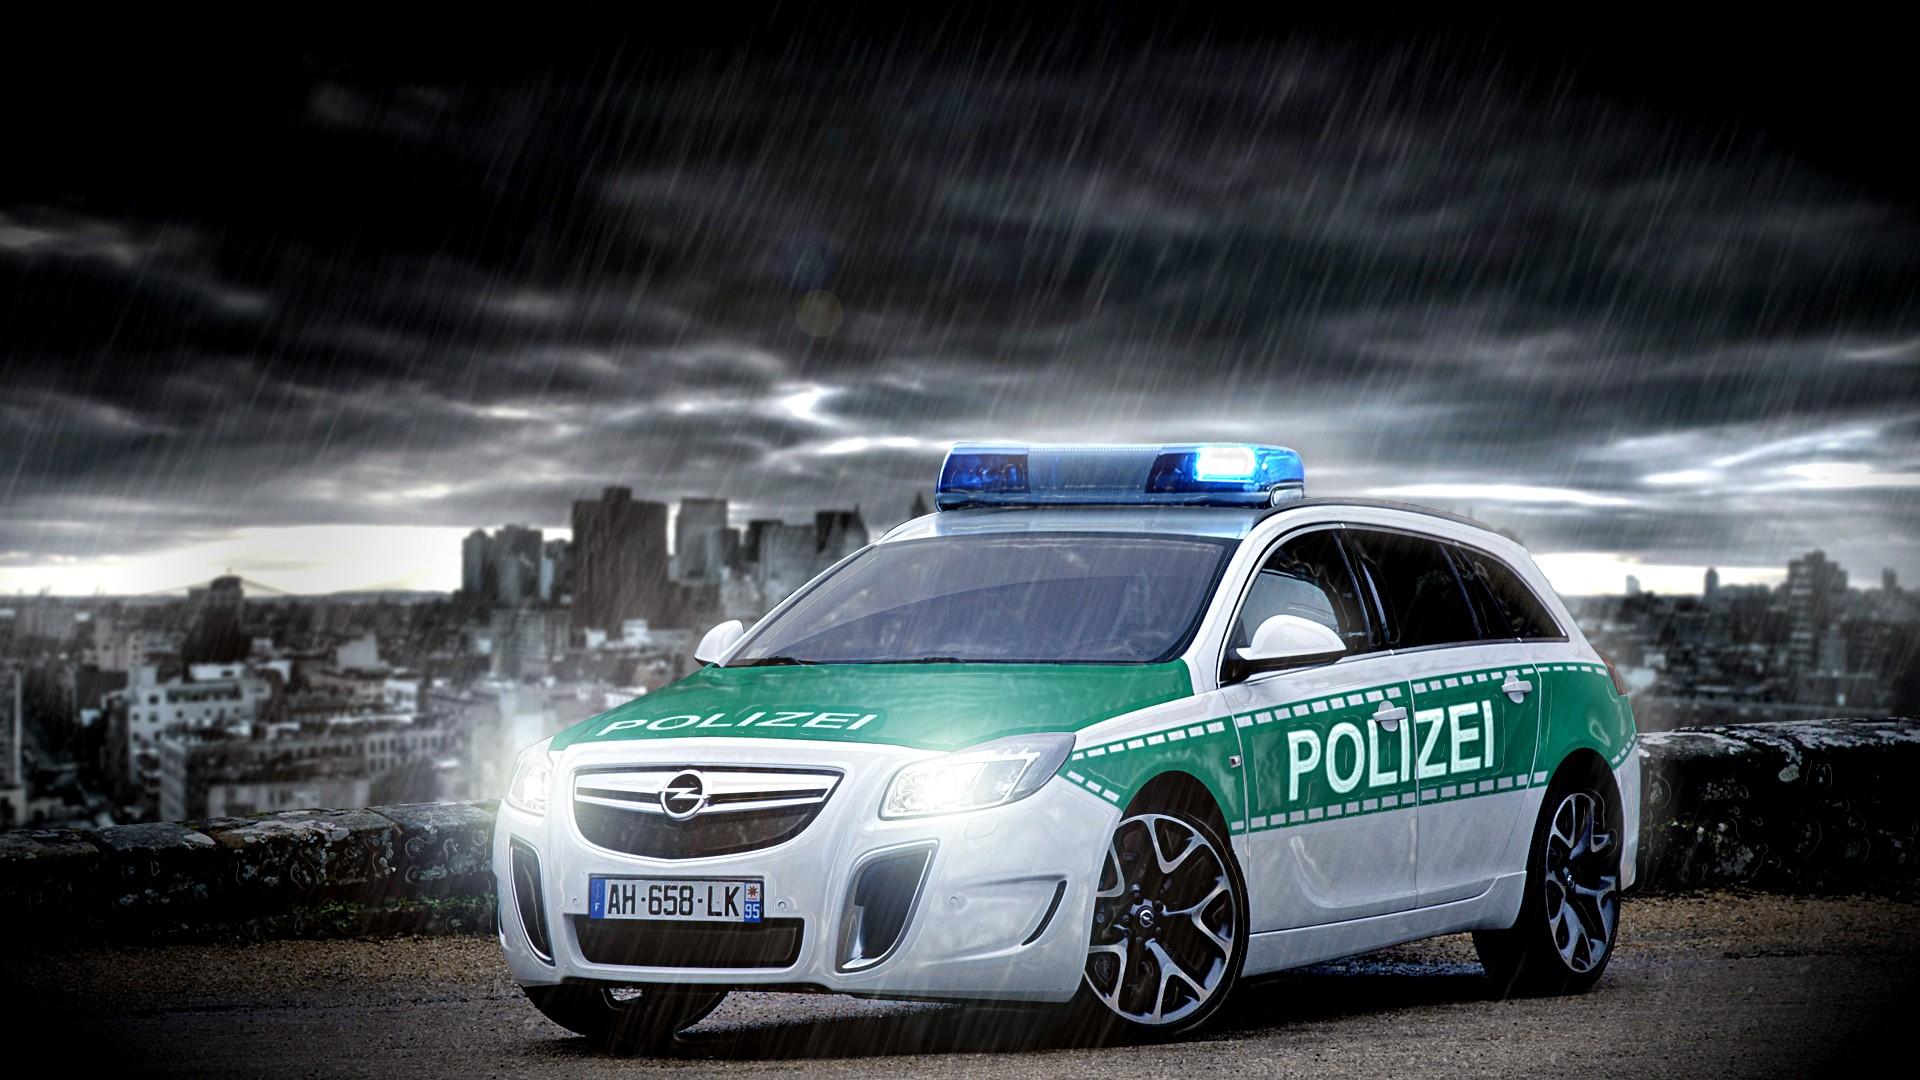 Modifs photoshops de véhicules de secours (police, pompiers, samu ambulances...) - Page 32 ...